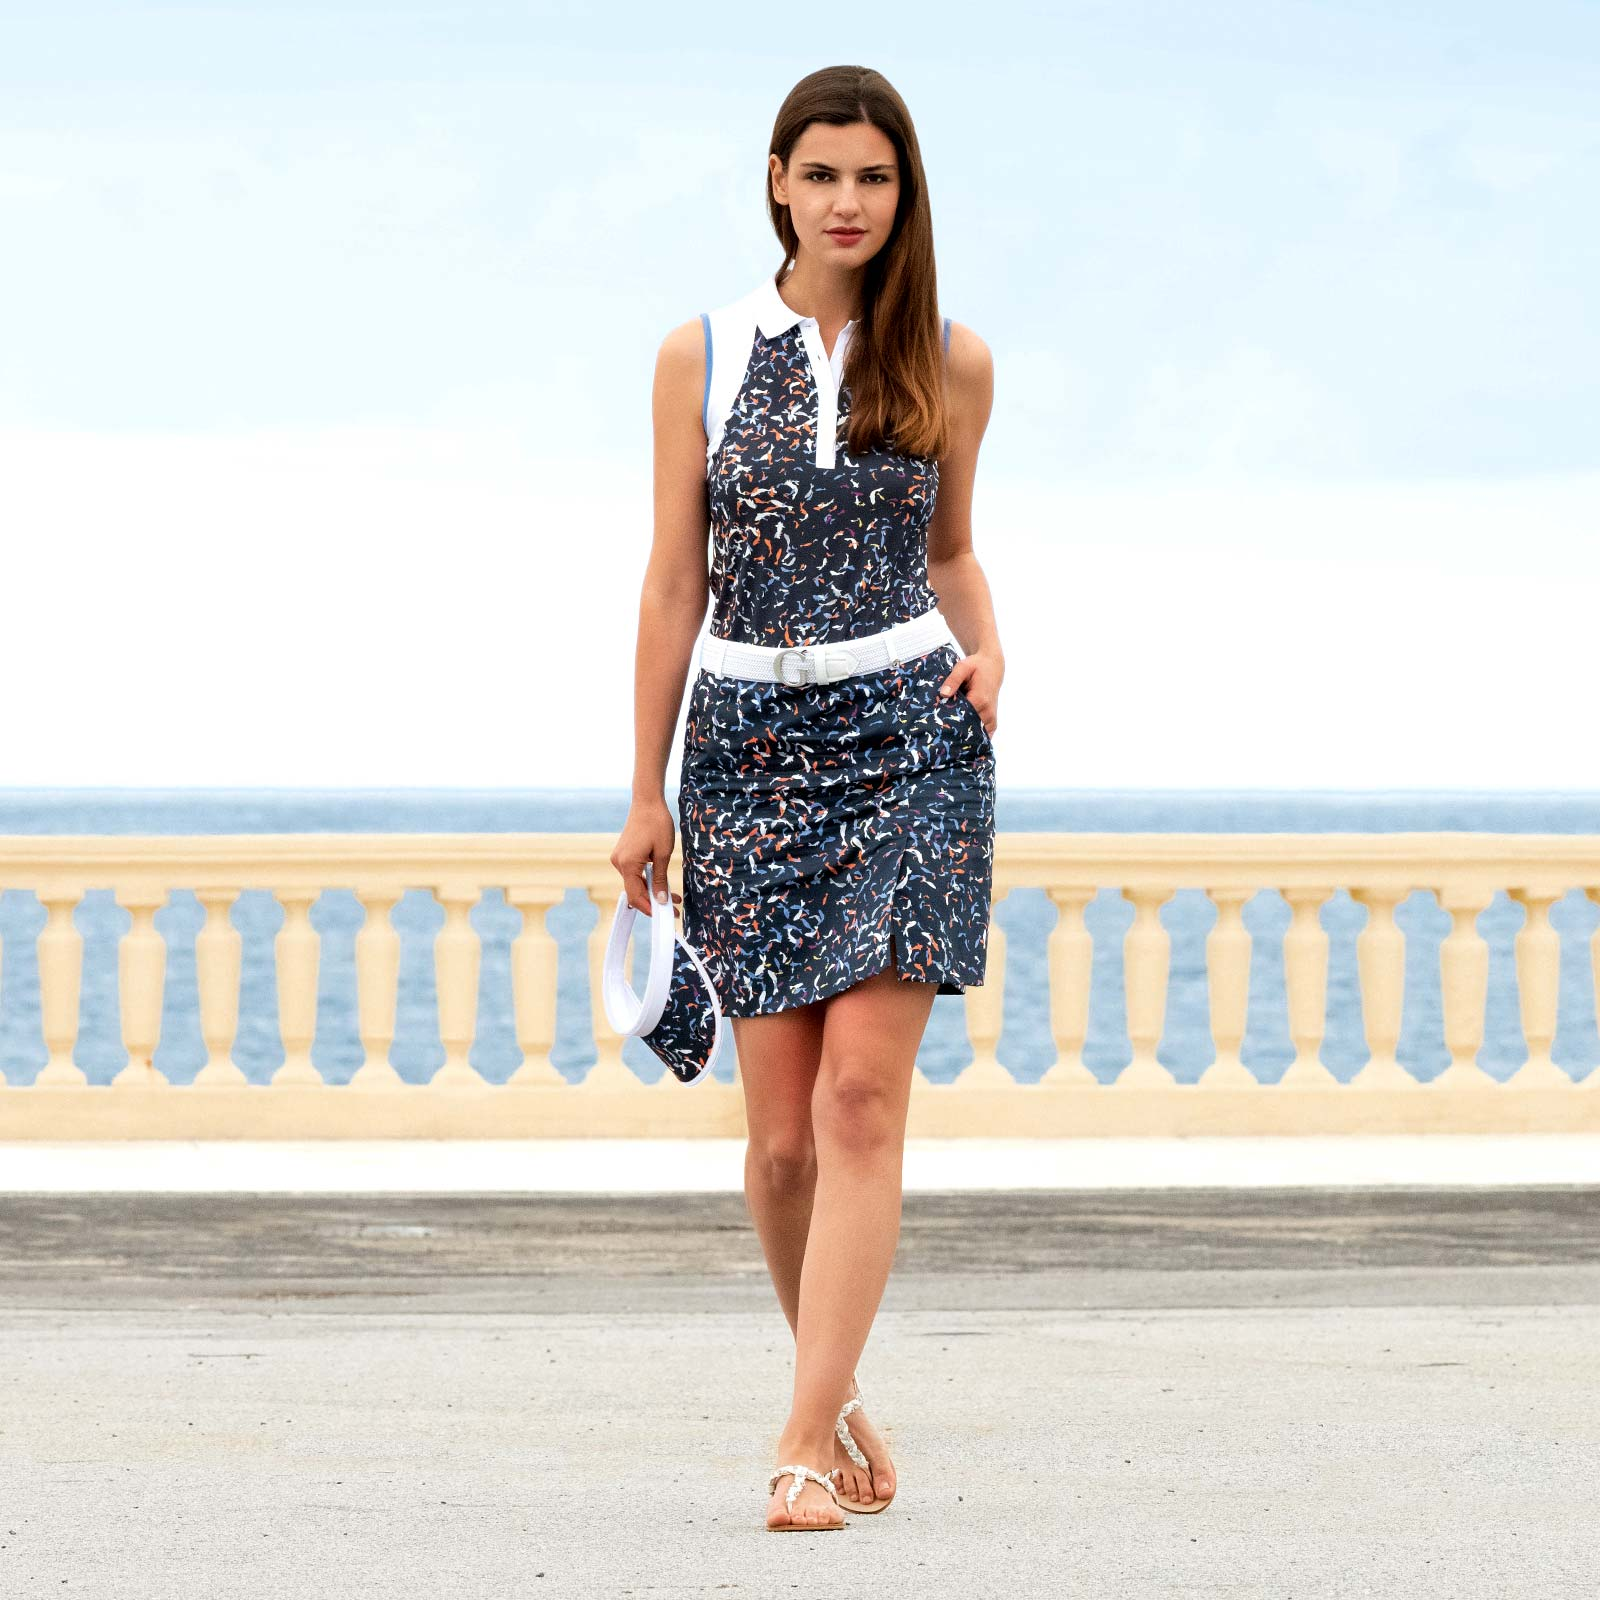 Damen Stretch Golfskort mit maritimem Muster in mittlerer Länge